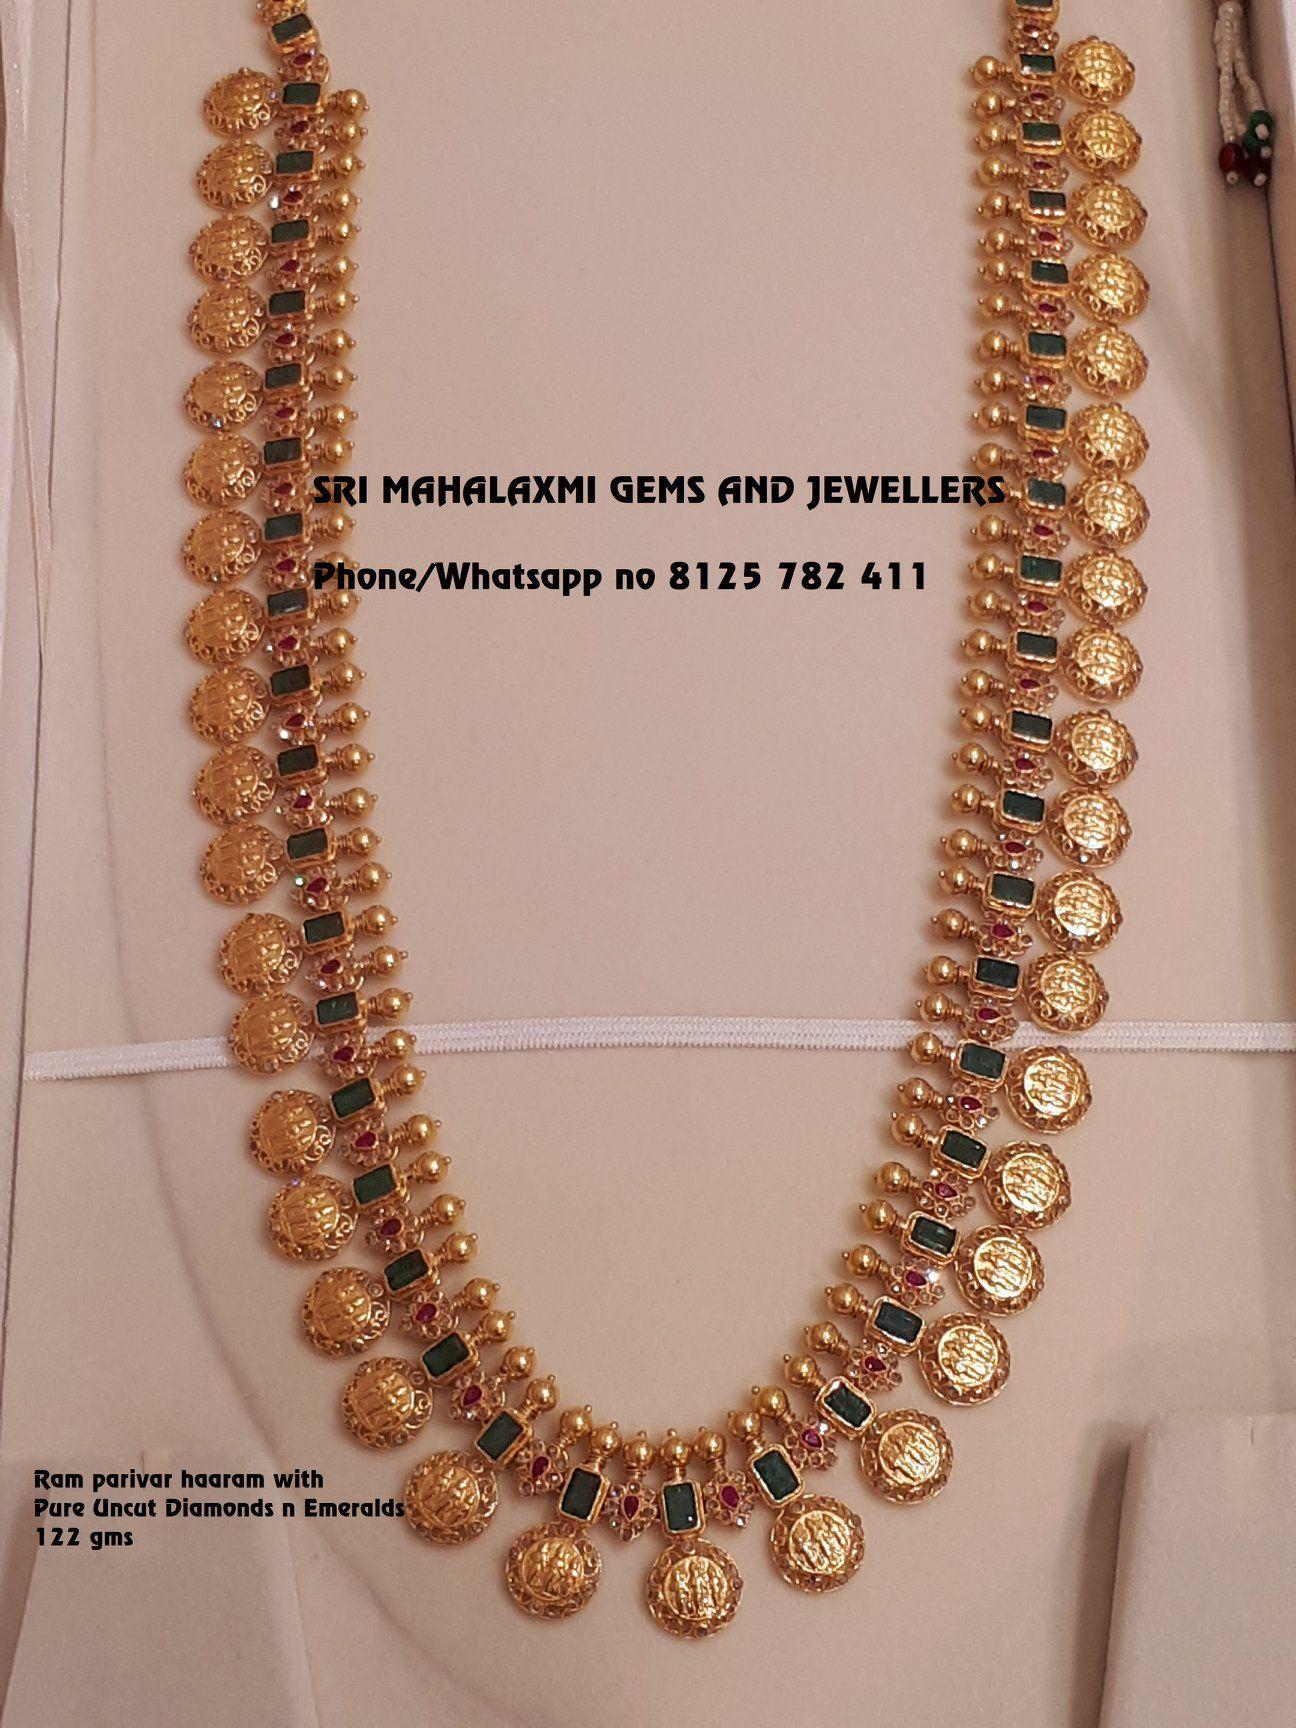 Pin by vimala kumari p on gold pinterest jewelry gold jewelry